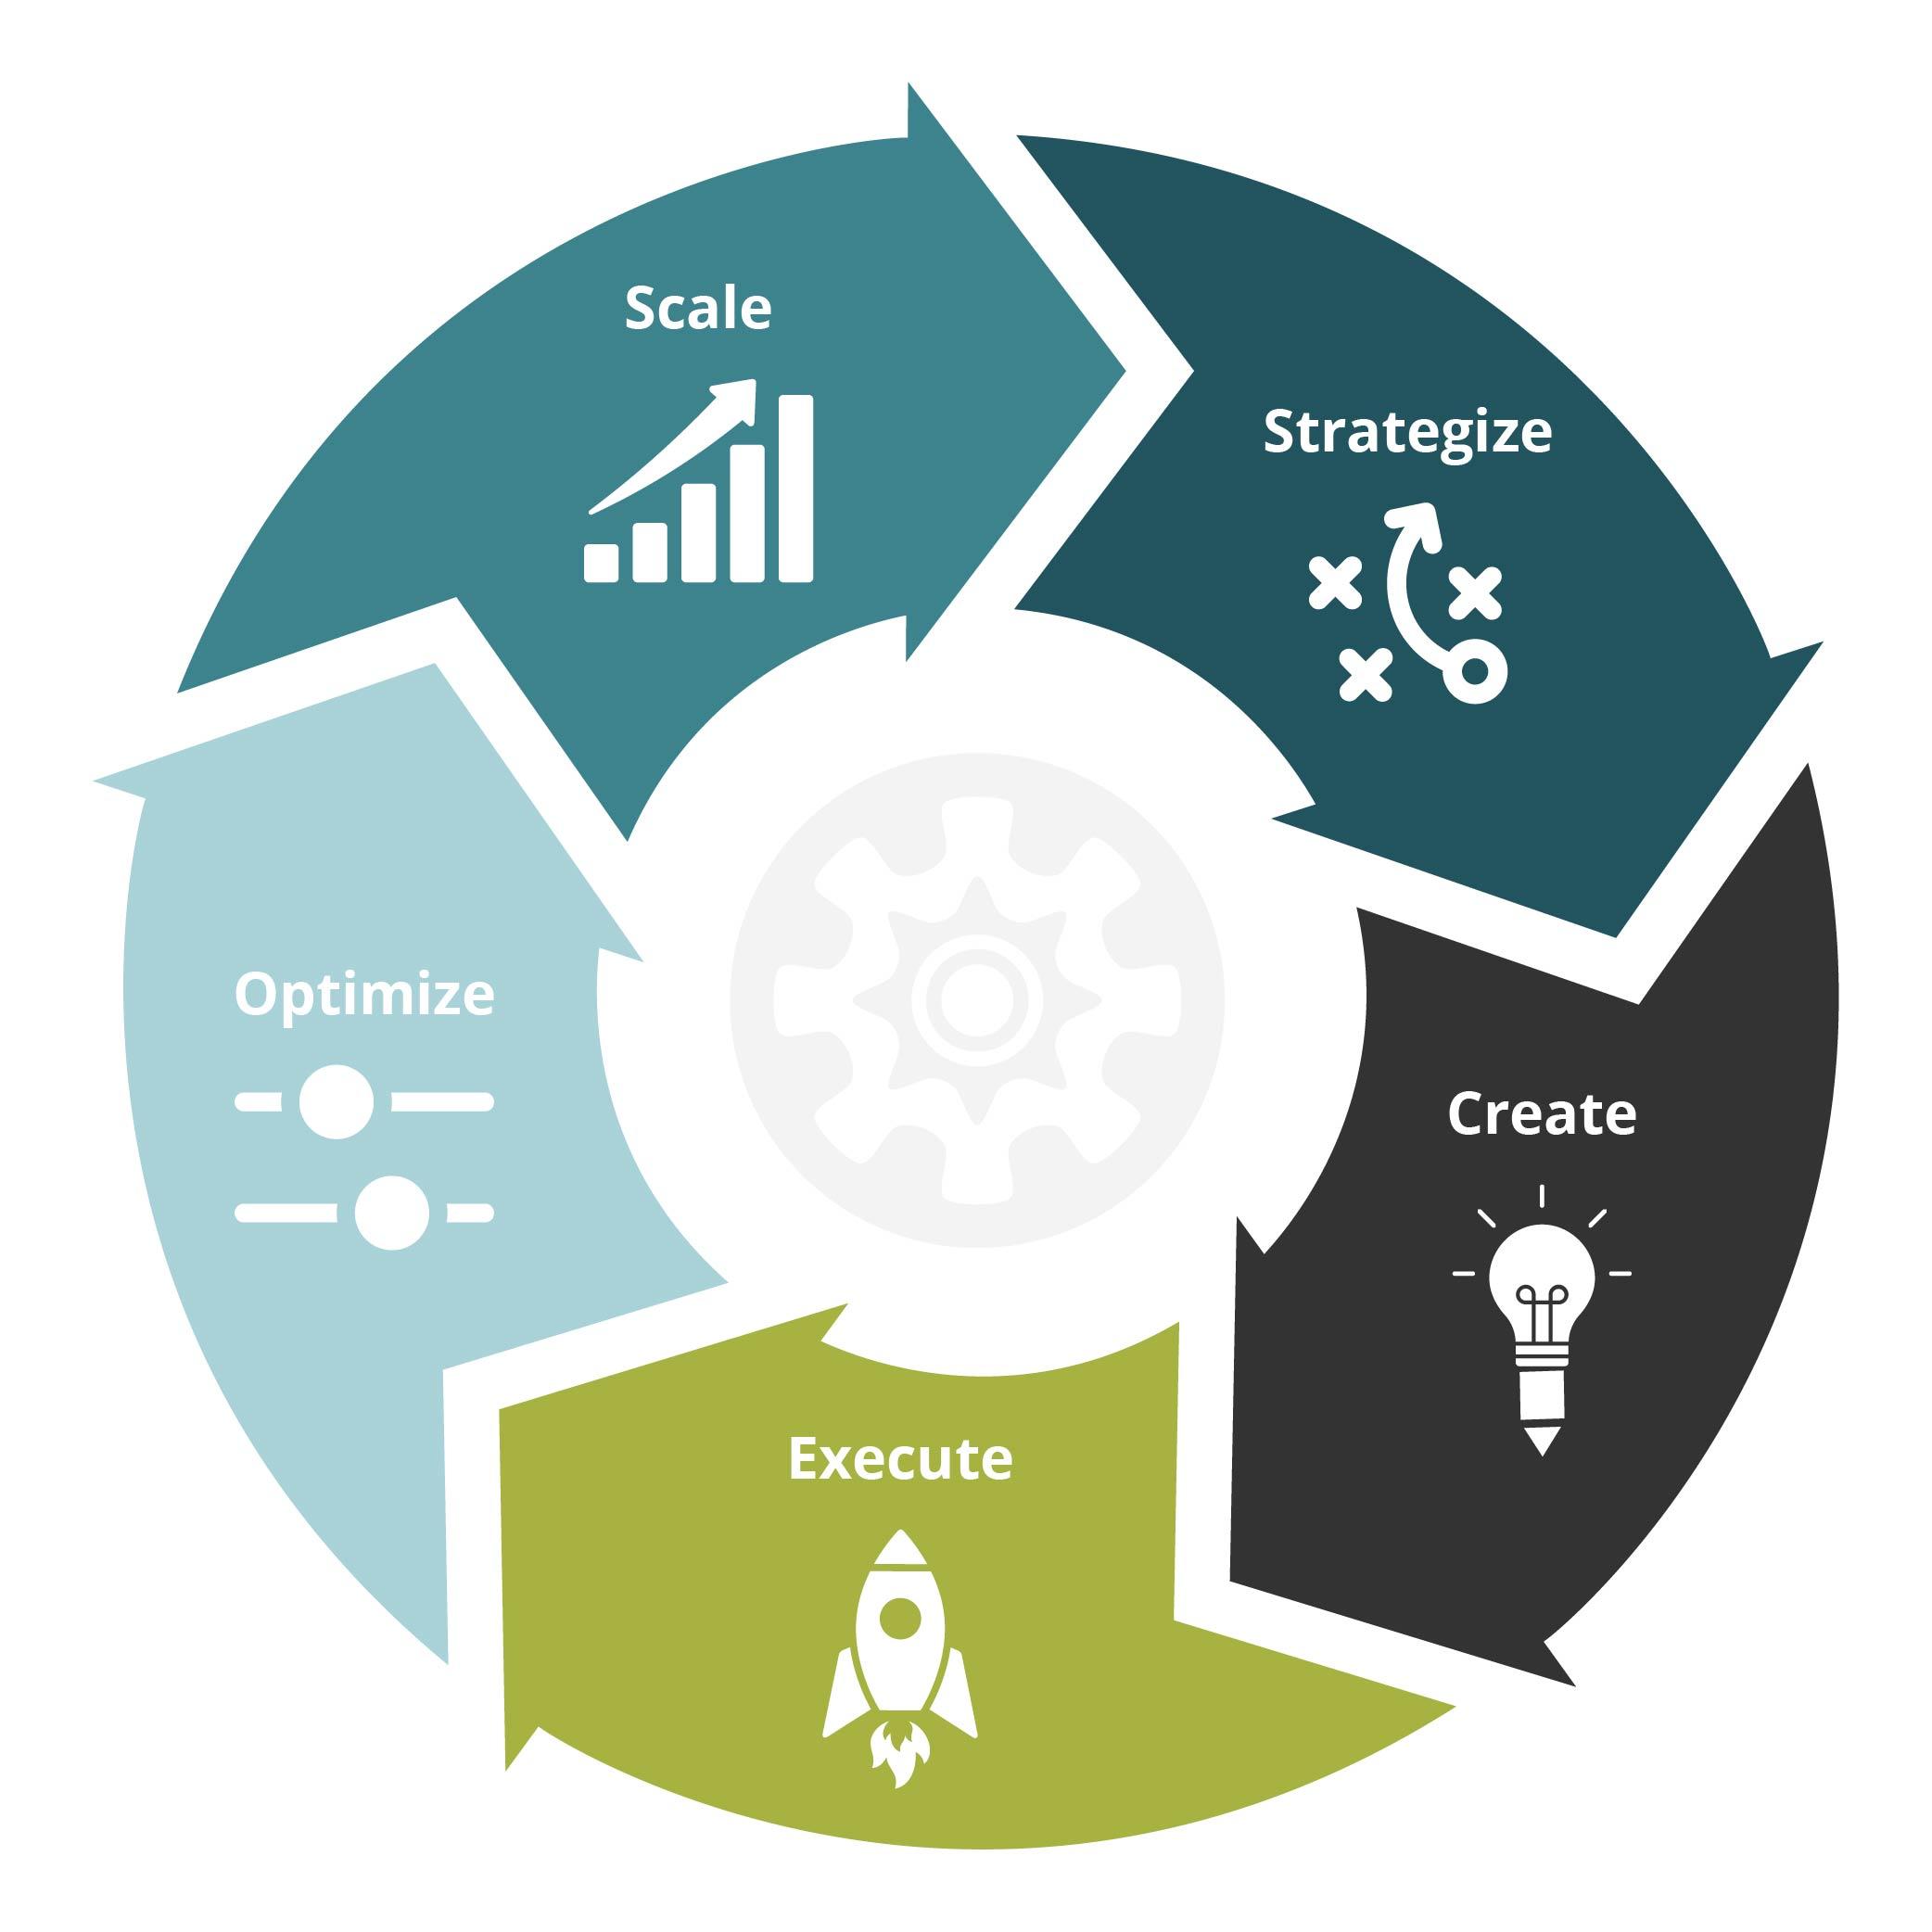 Scale, Strategize, Create, Execute, Optimize